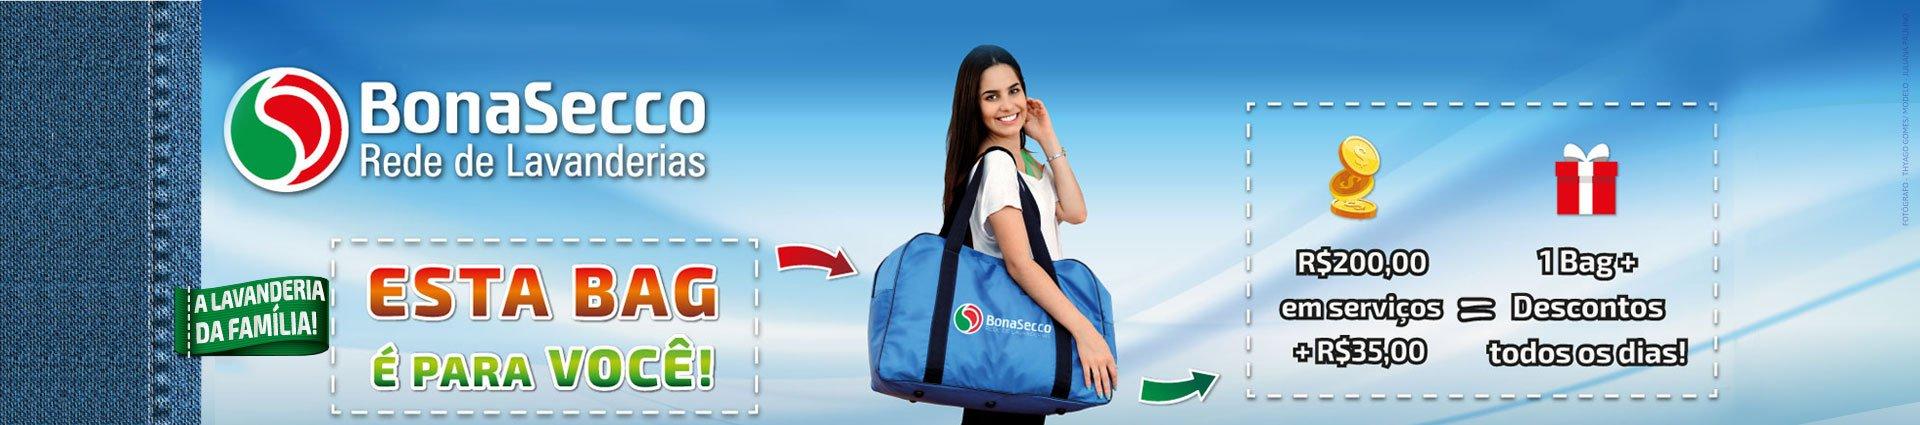 bag bonasecco banner